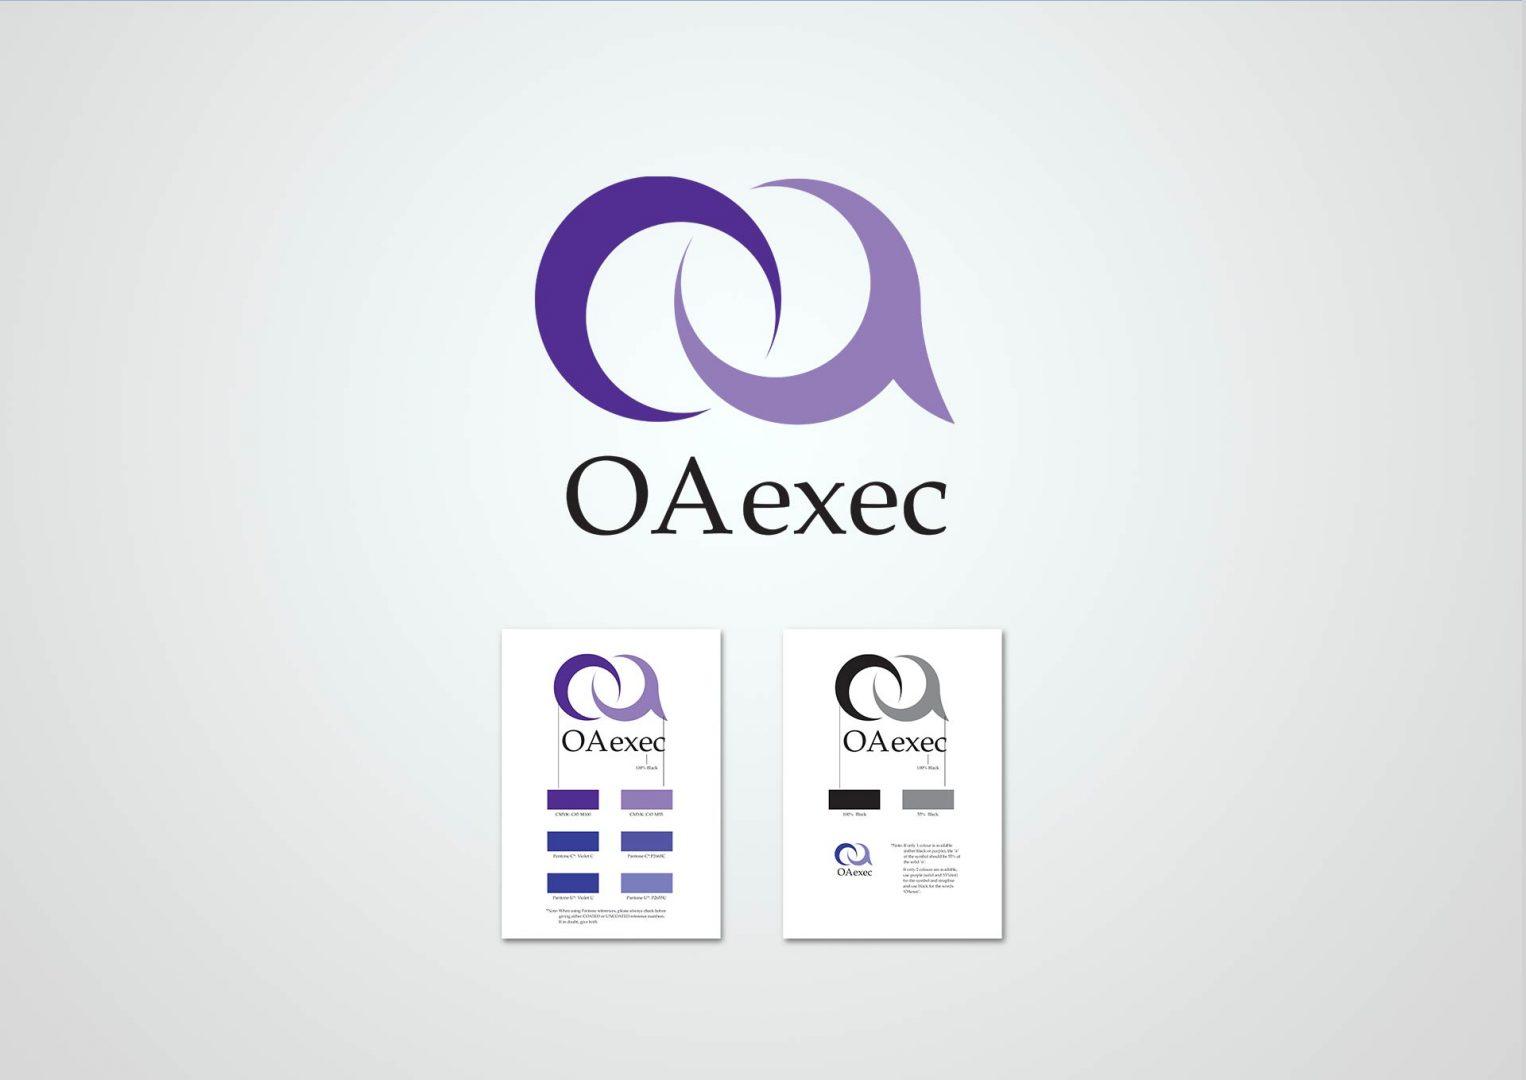 OA Exec, Logo design, Graphic Designer, Photoshop, Branding, Romford, Essex, Jan Lewis Creative